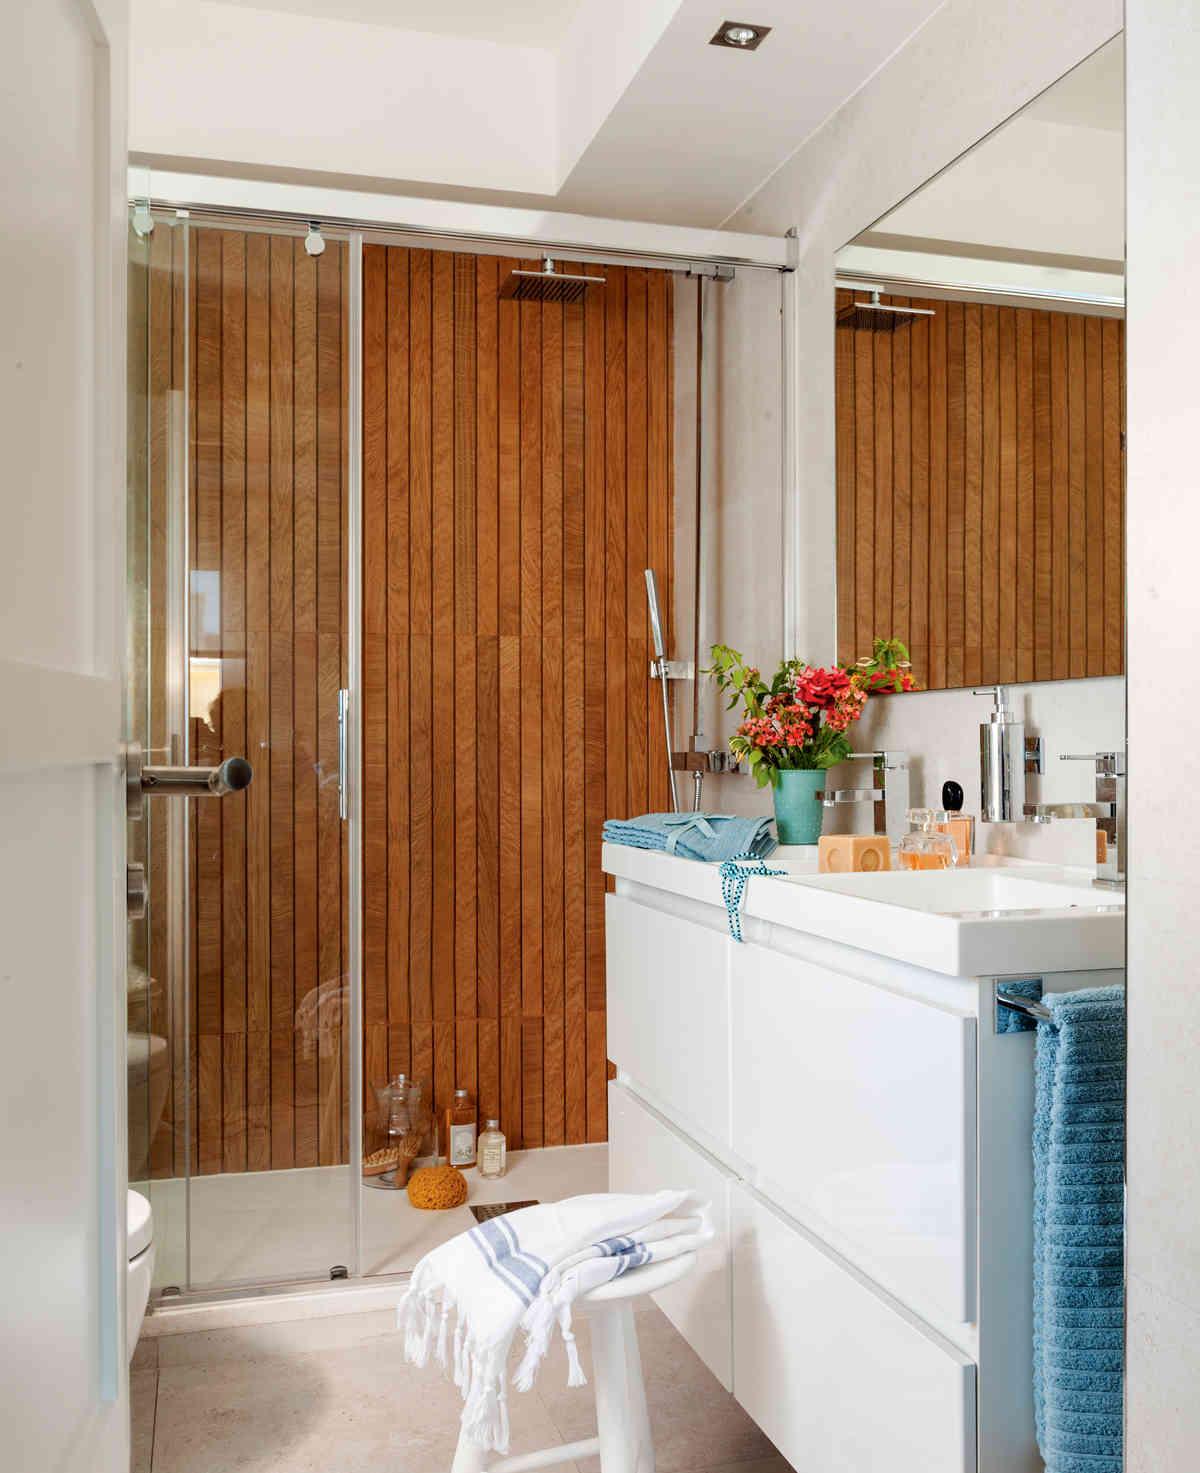 10 bano con pared de ducha imitacion madera y bajolavabo blanco fontaneros madrid reparaciones urgentes madrid